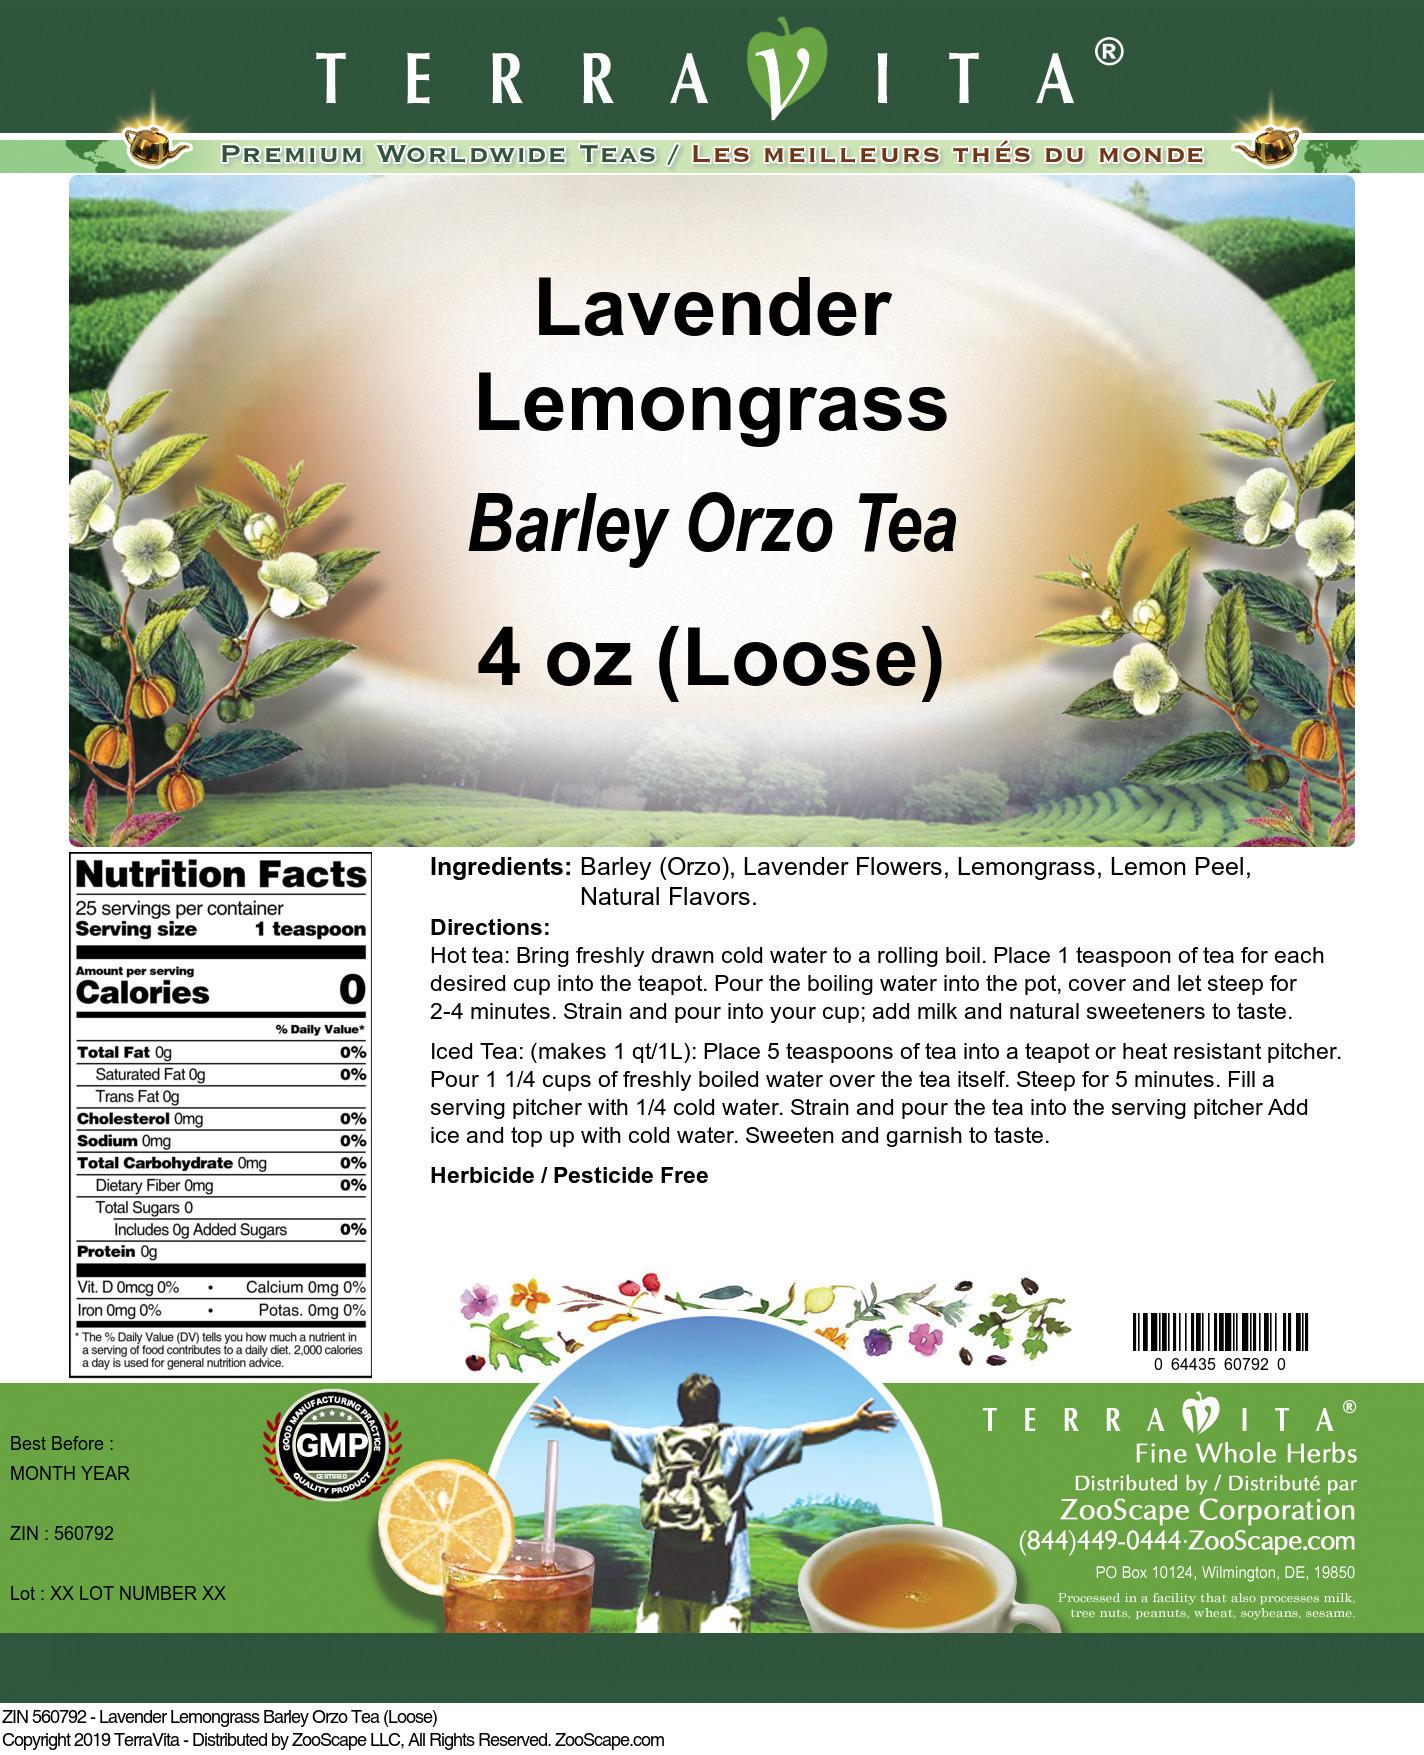 Lavender Lemongrass Barley Orzo Tea (Loose)